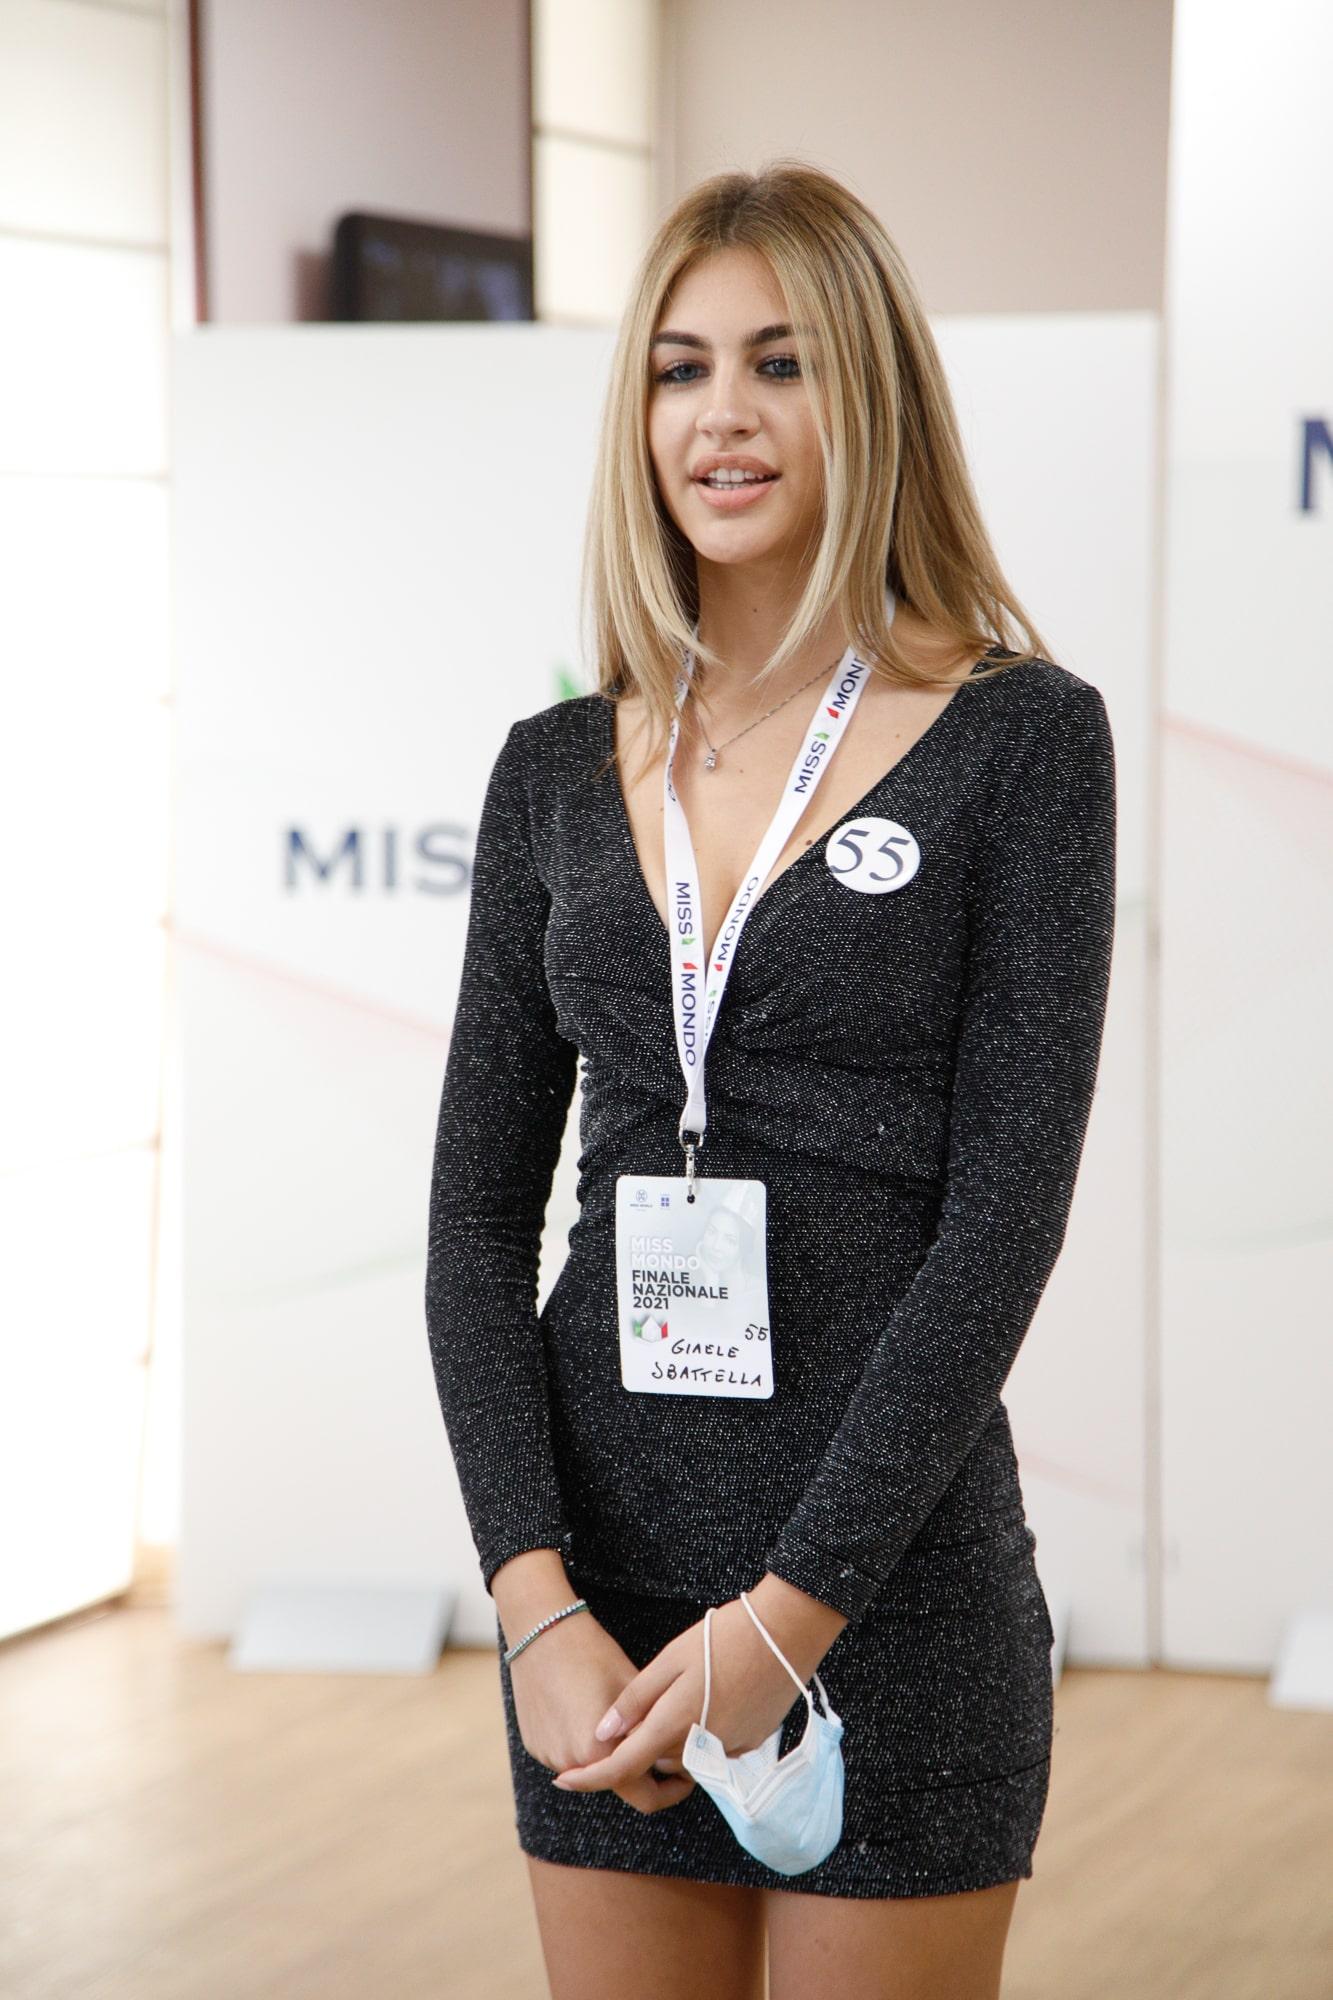 Secondo passaggio giuria per le ragazze di Missmondo Italia 2021 - 35